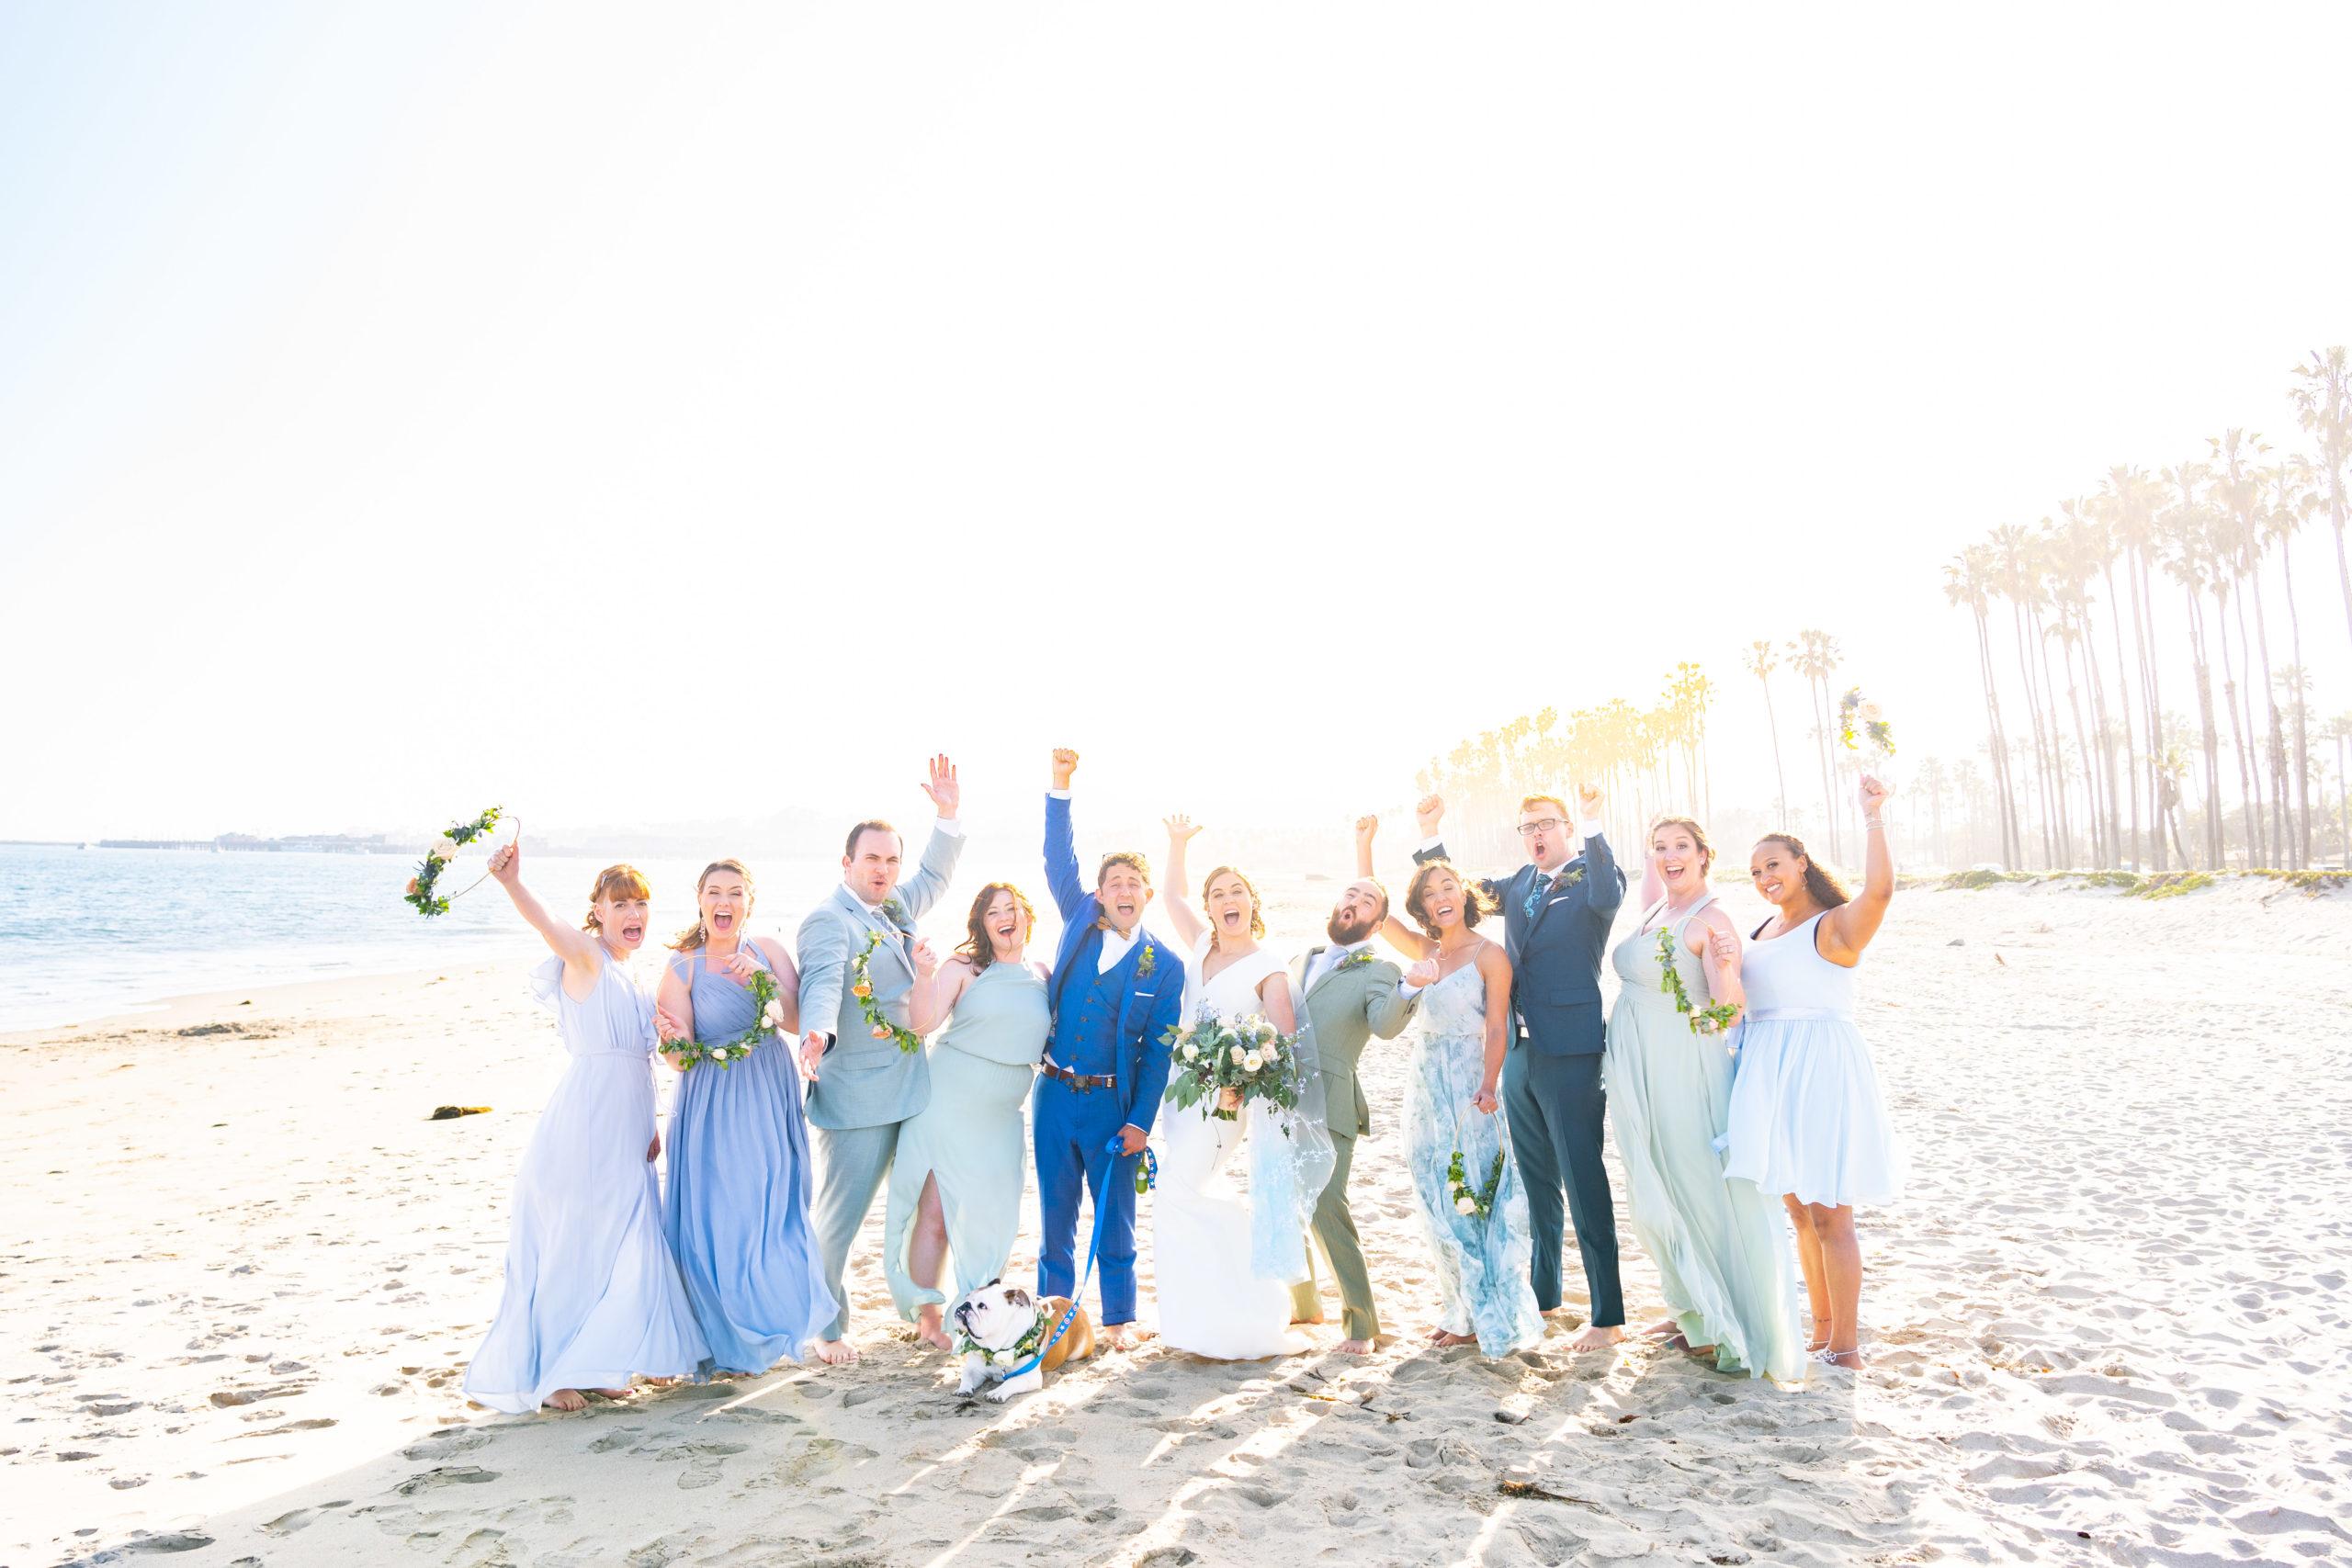 Santa Barbara beach bridal party